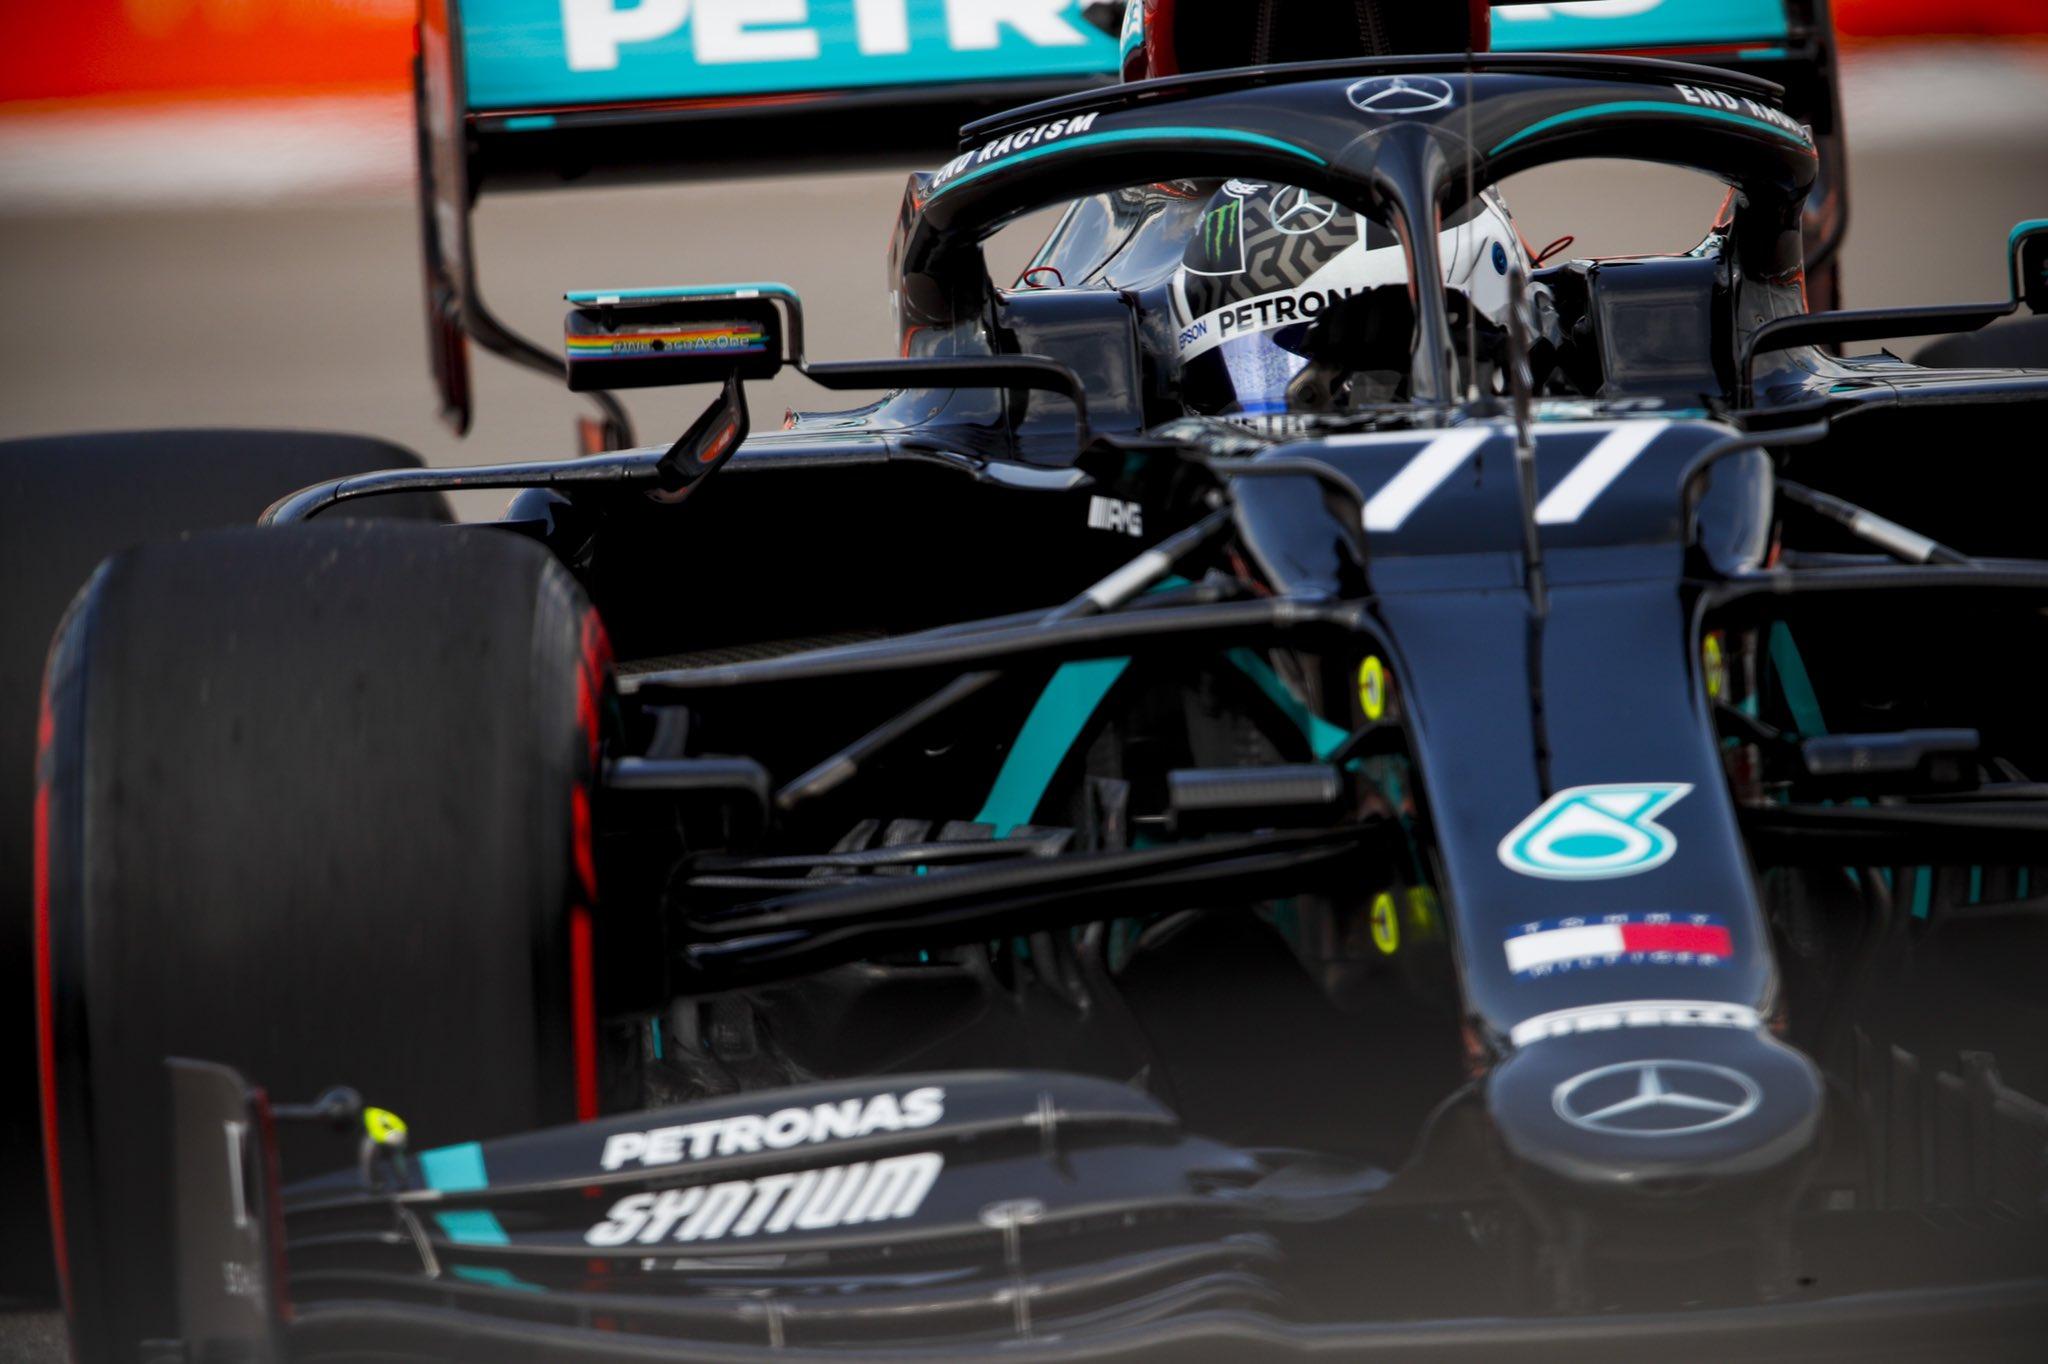 Валттери Боттас выиграл Гран-при России 2020 года. Квят – восьмой